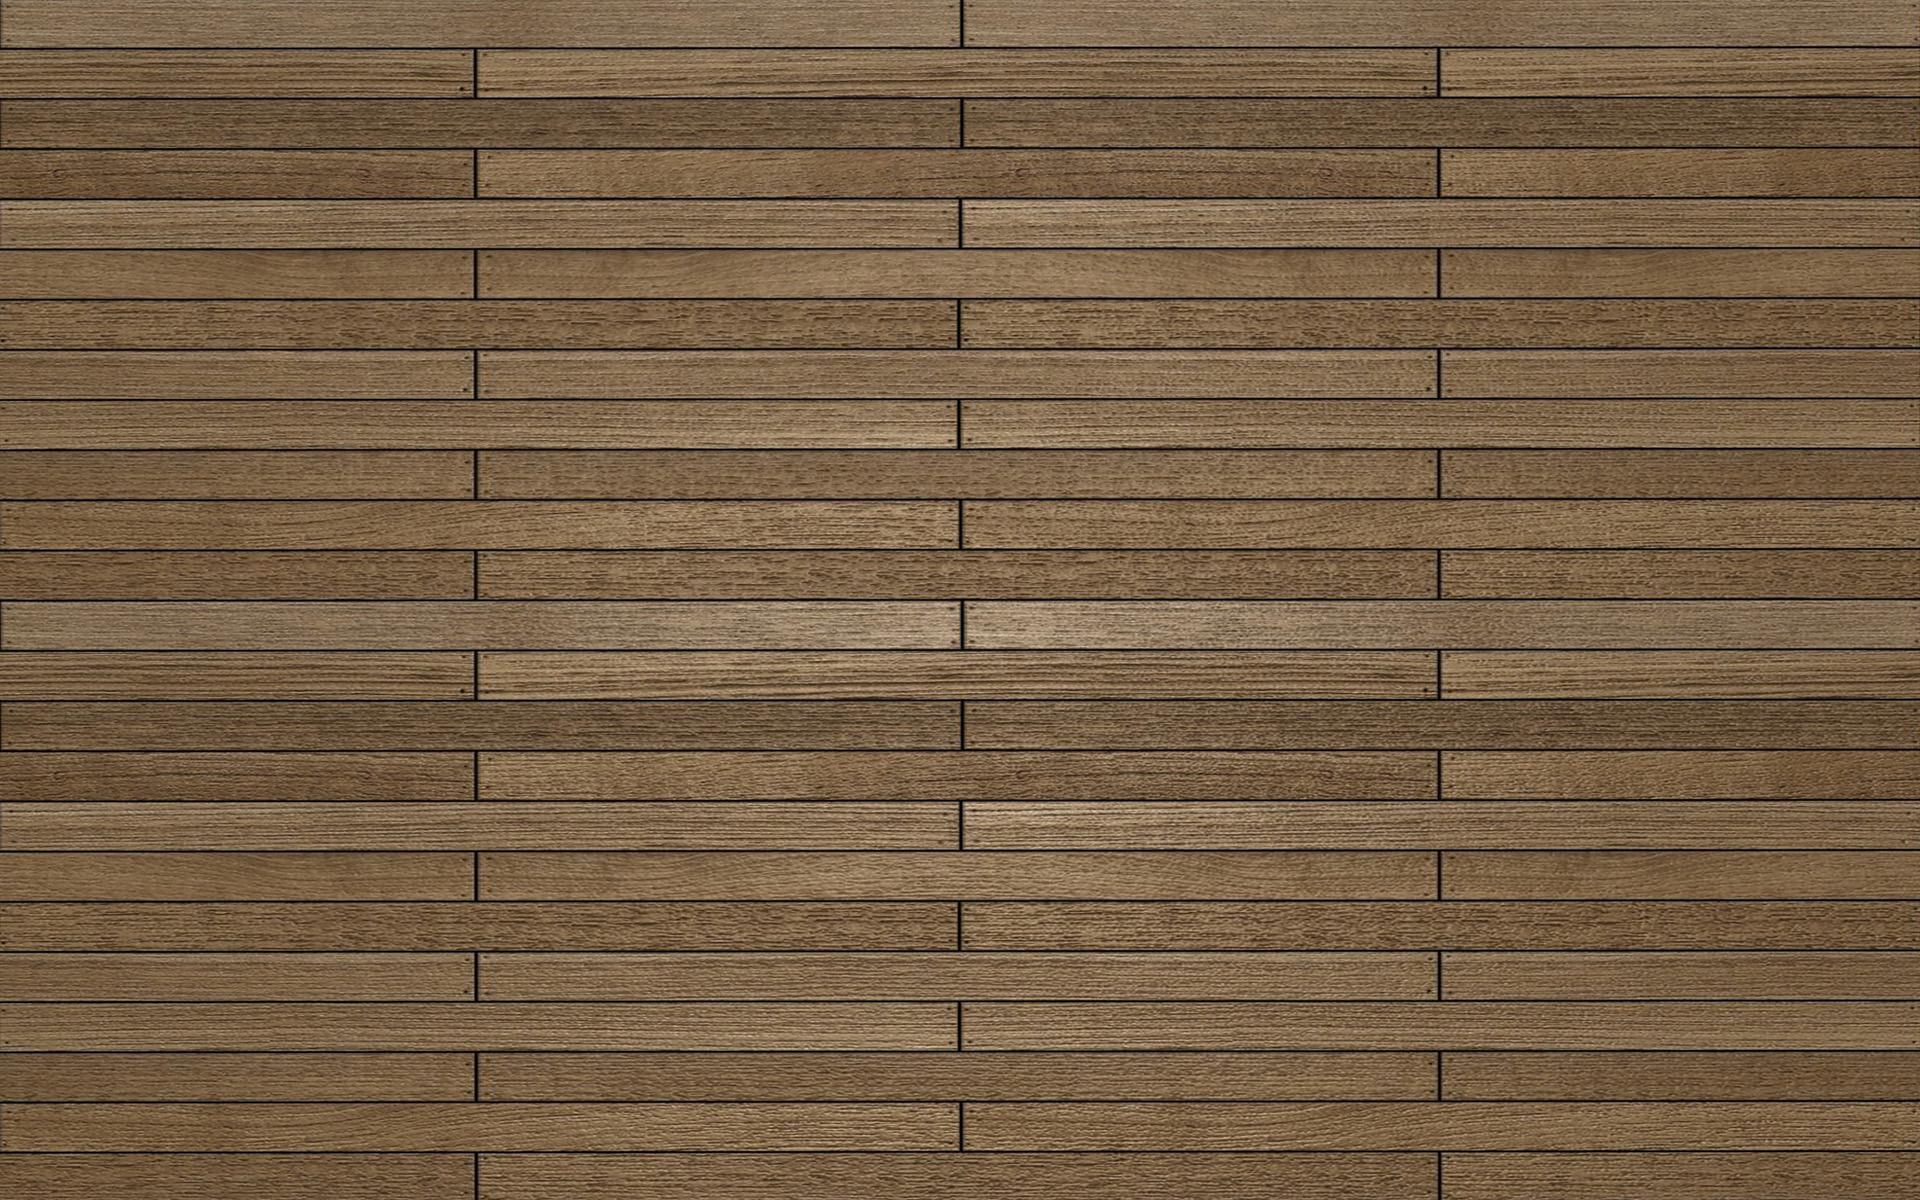 Wood Floor Texture Wallpaper 1920x1200 55882